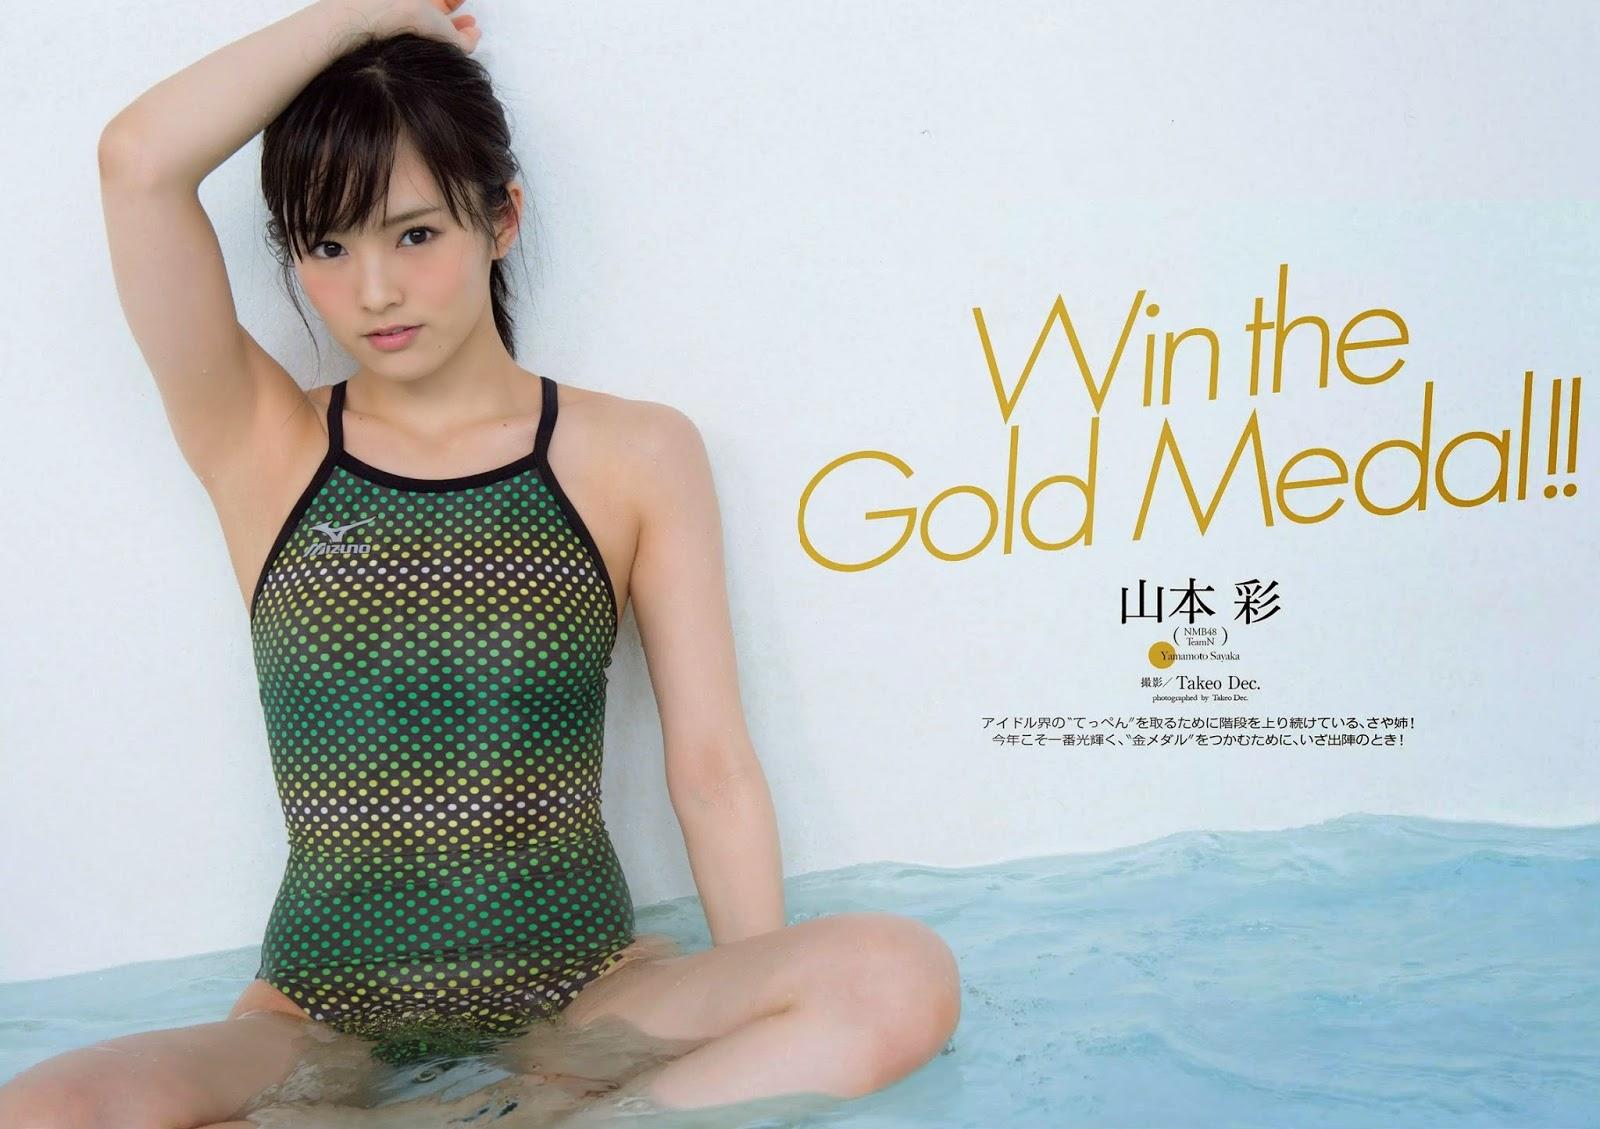 山本彩 Yamamoto Sayaka Win the Gold Medal Wallpaper HD 01